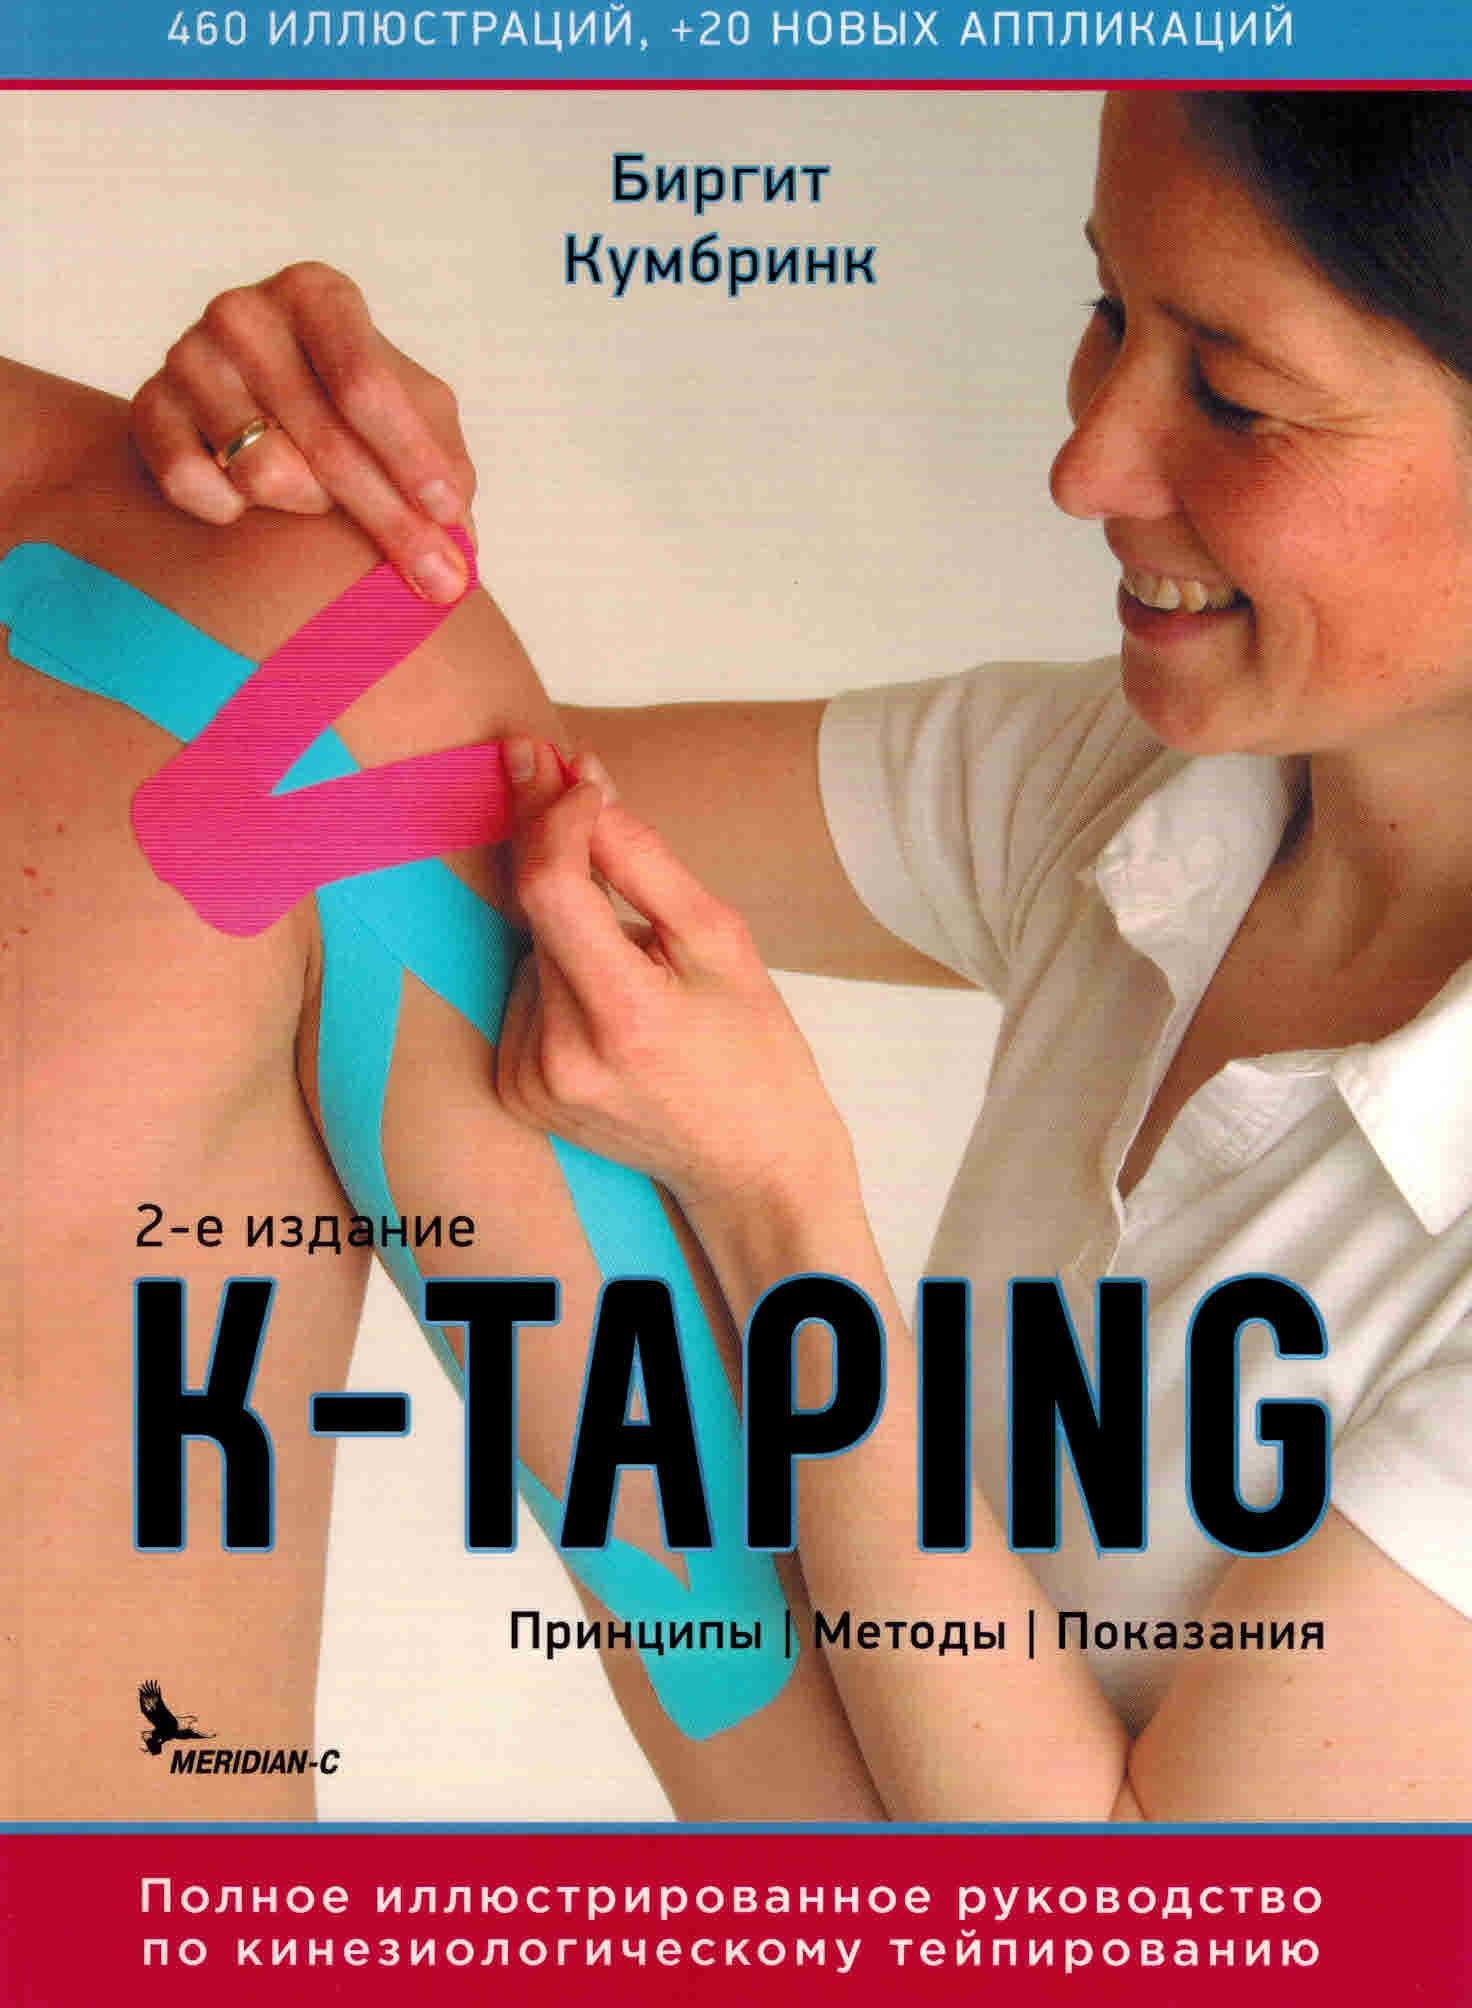 Популярное K-TAPING. Принципы, методы, показания k-taping.jpg